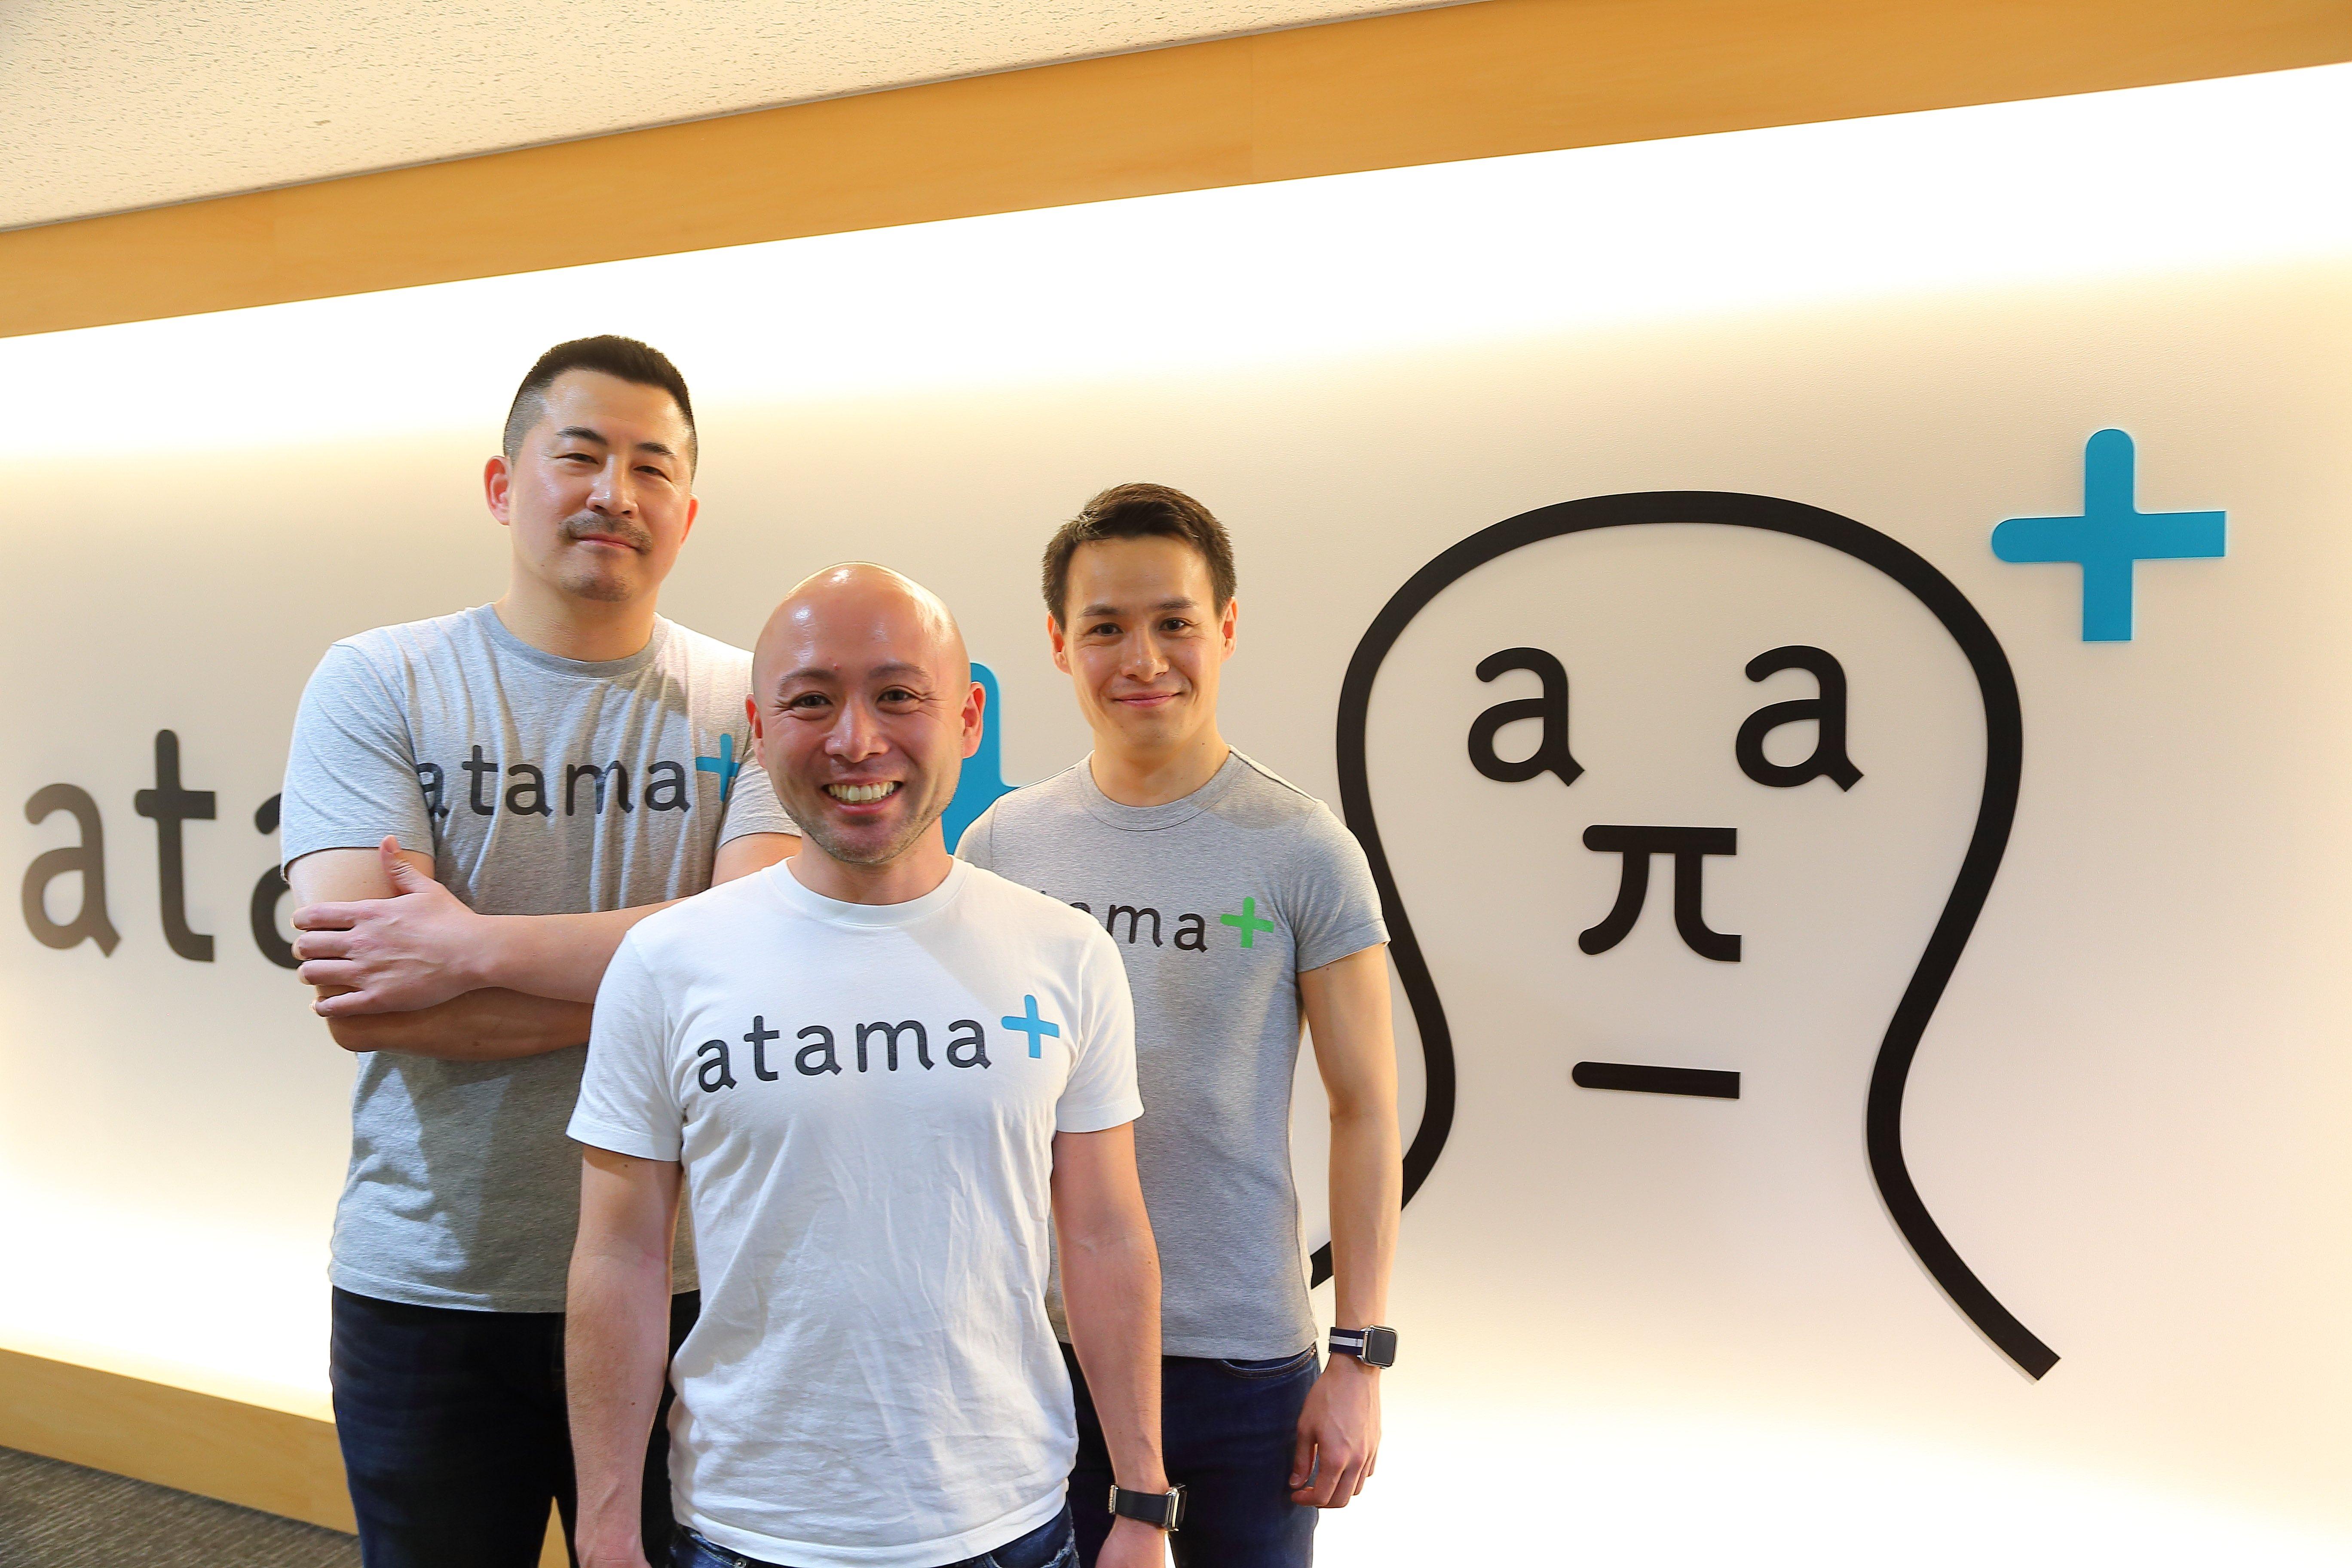 AIによる学習の最適化を図るatama plus 、15億円の資金調達を実施